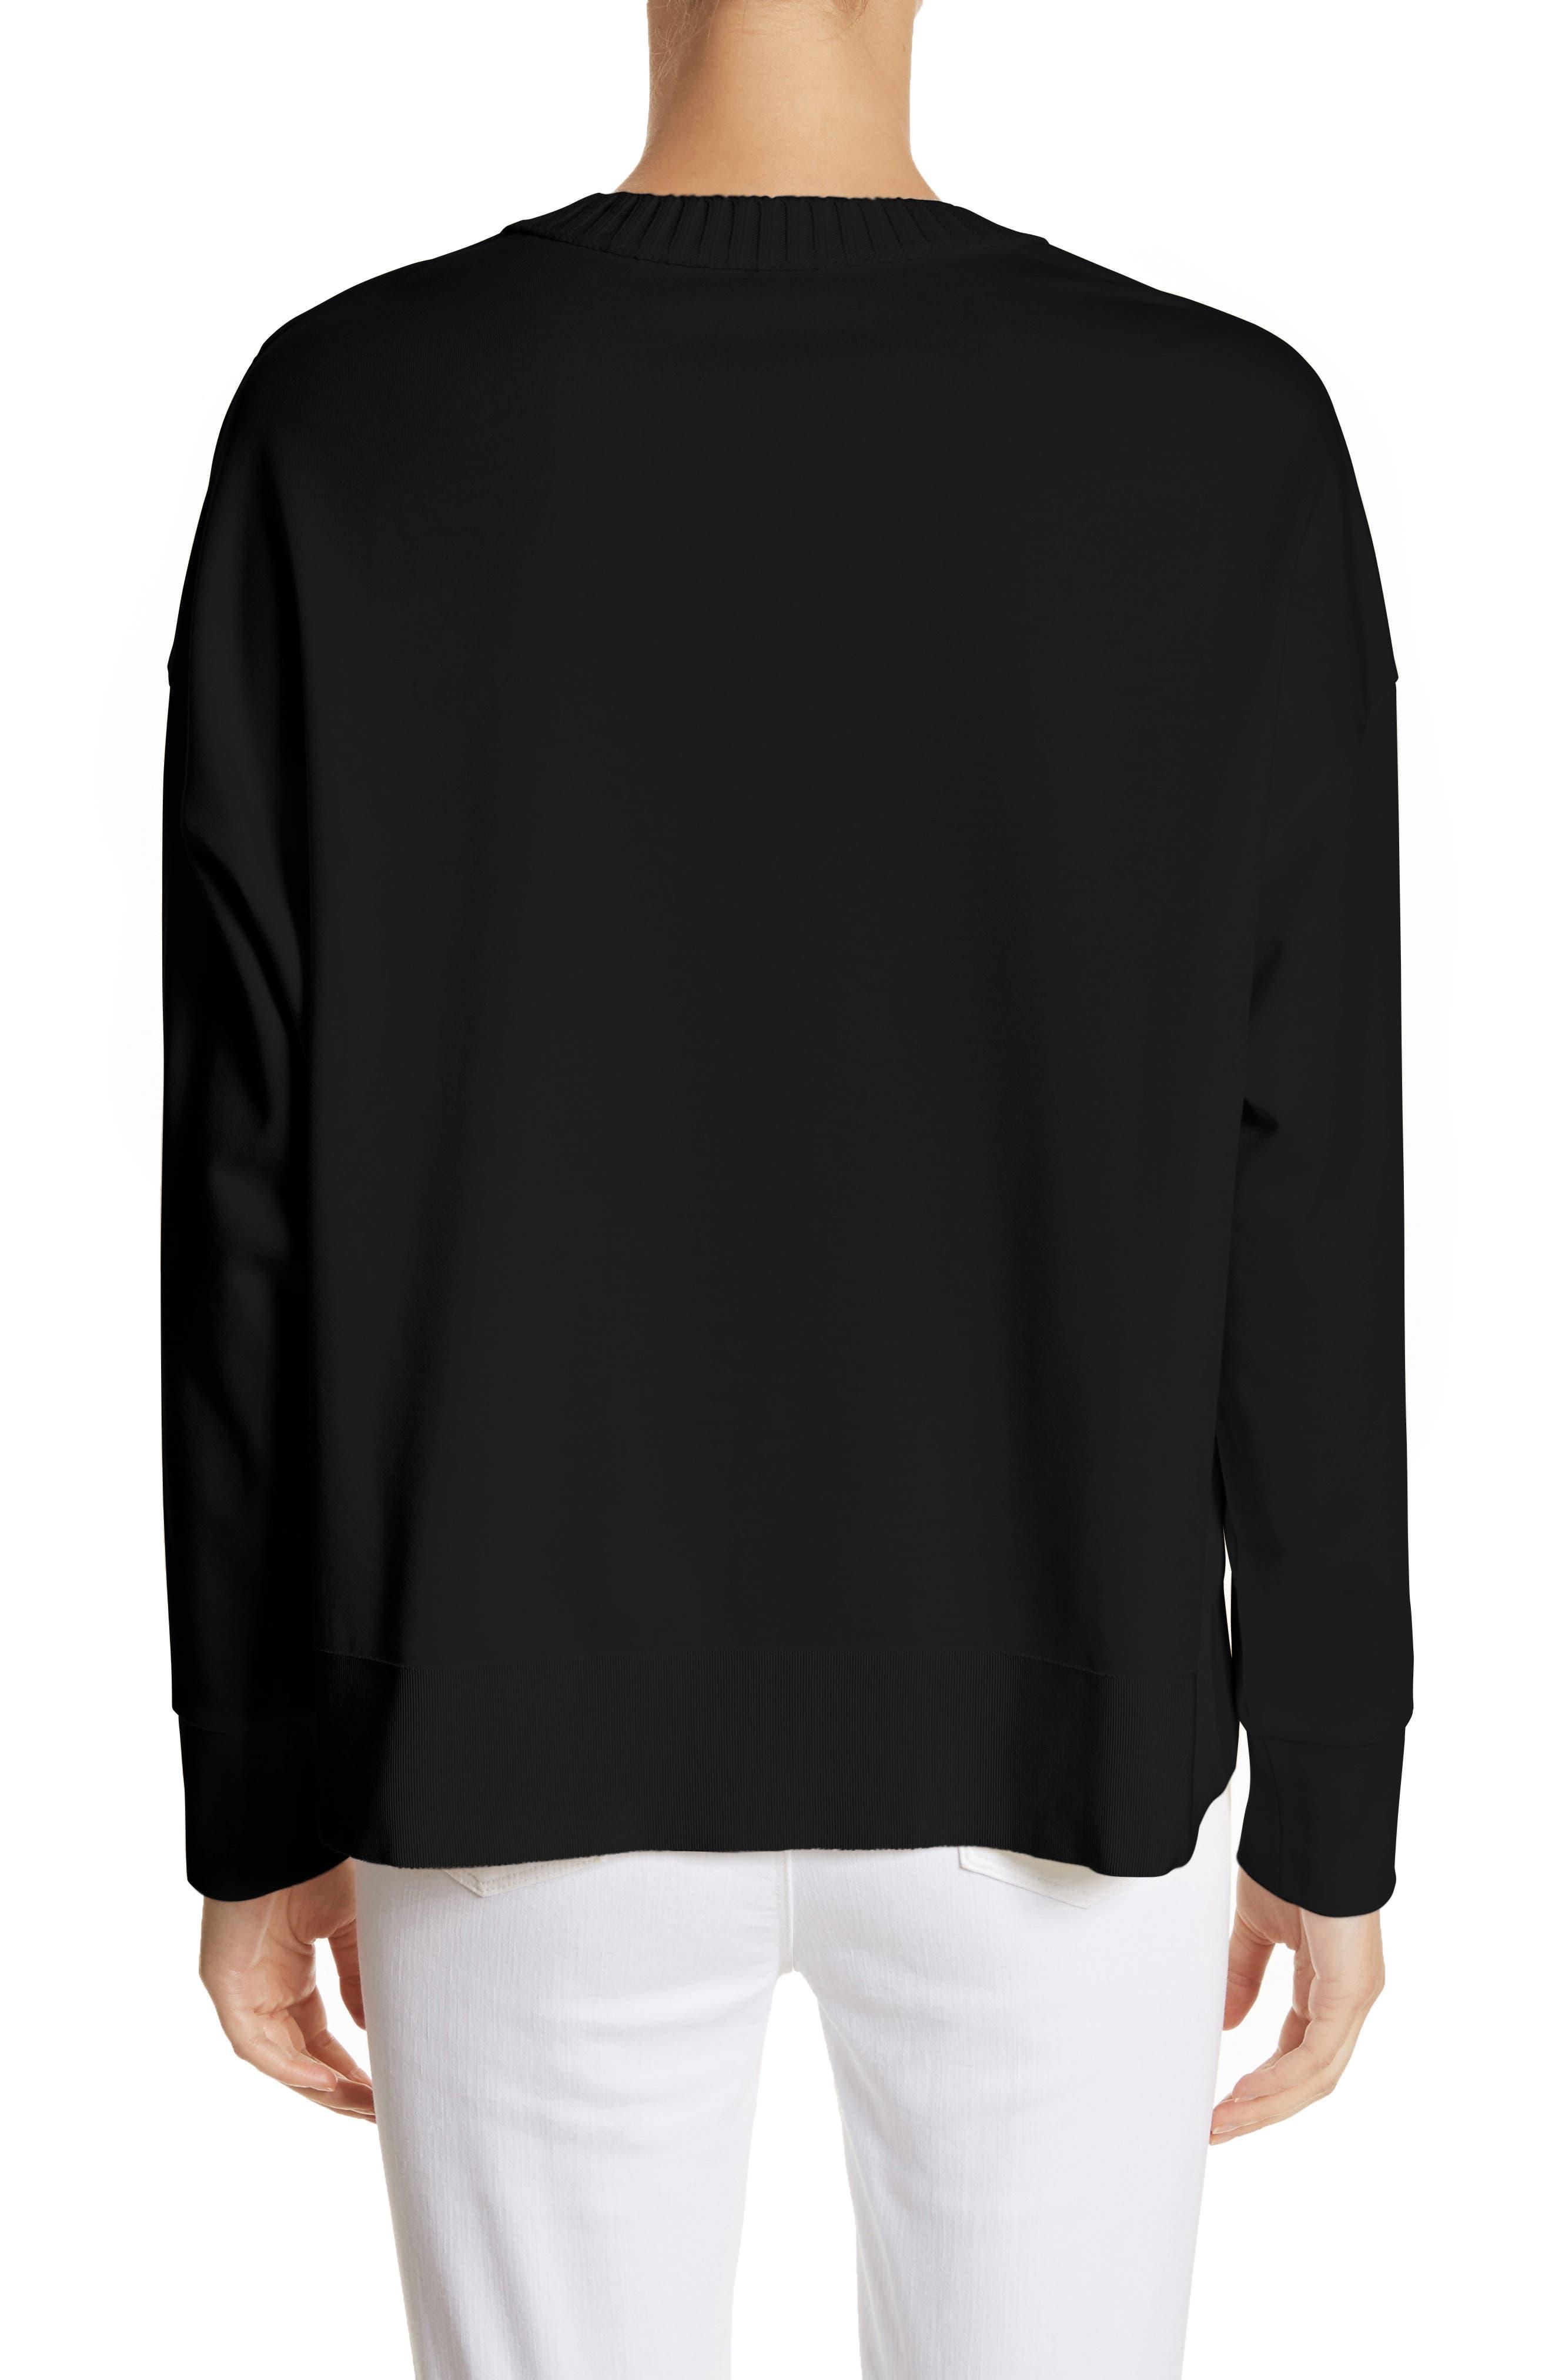 Cotton Sweatshirt,                             Alternate thumbnail 2, color,                             001